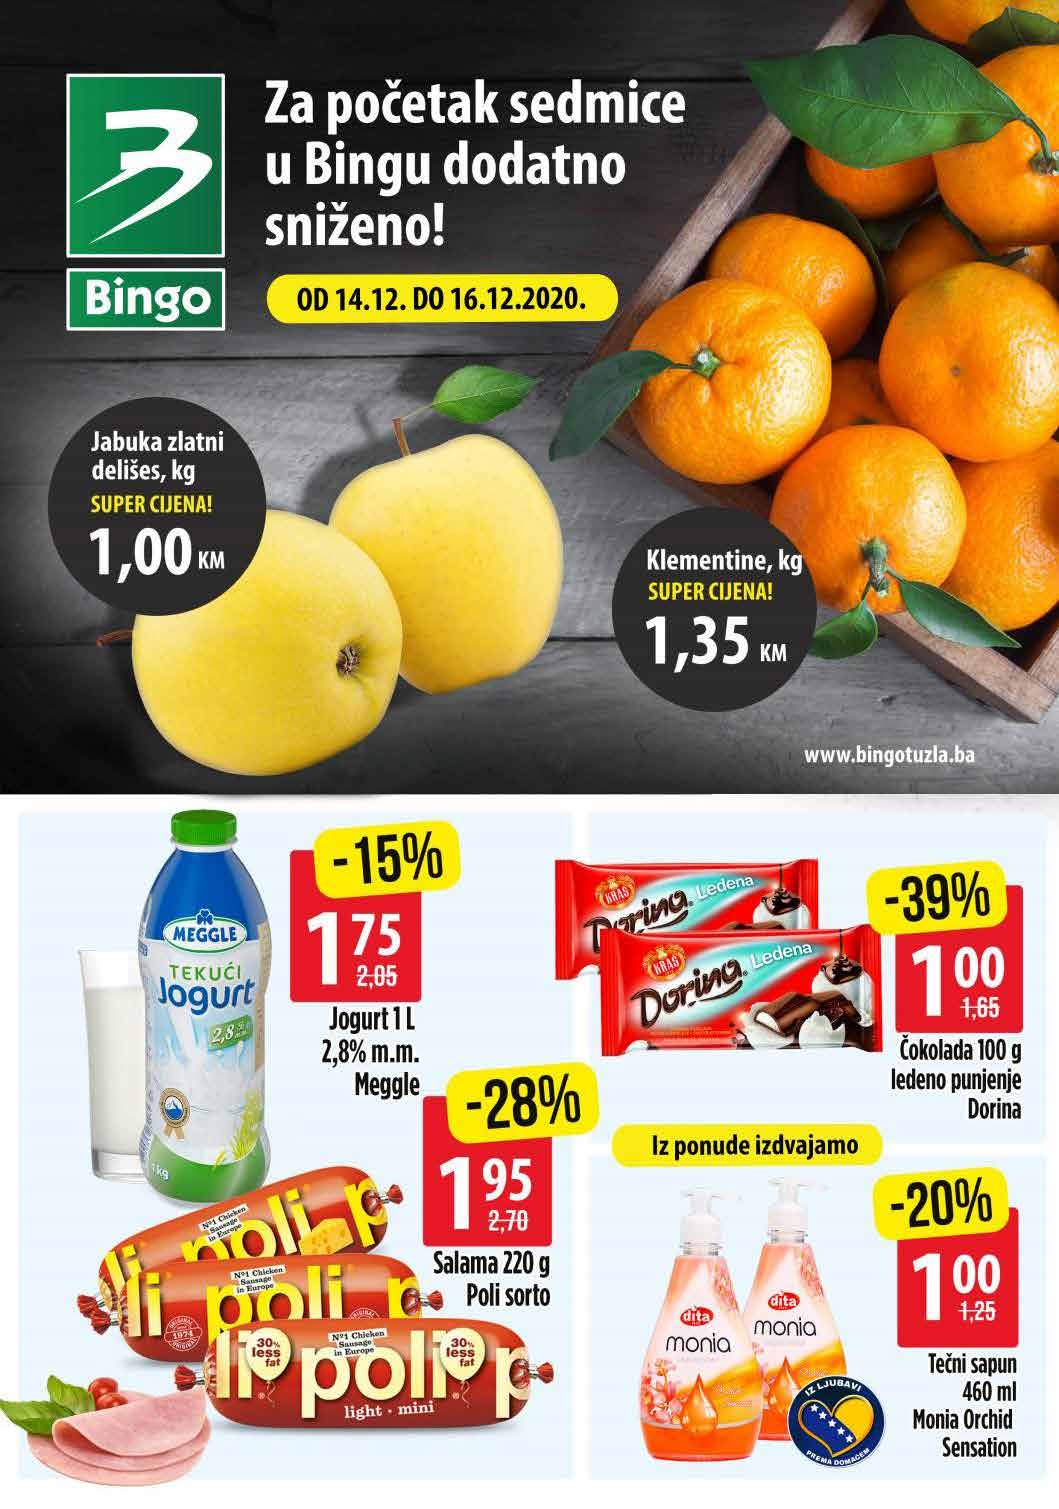 Bingo Katalog Za pocetak sedmice 14.12.2020. 16.12.2020. Page 1